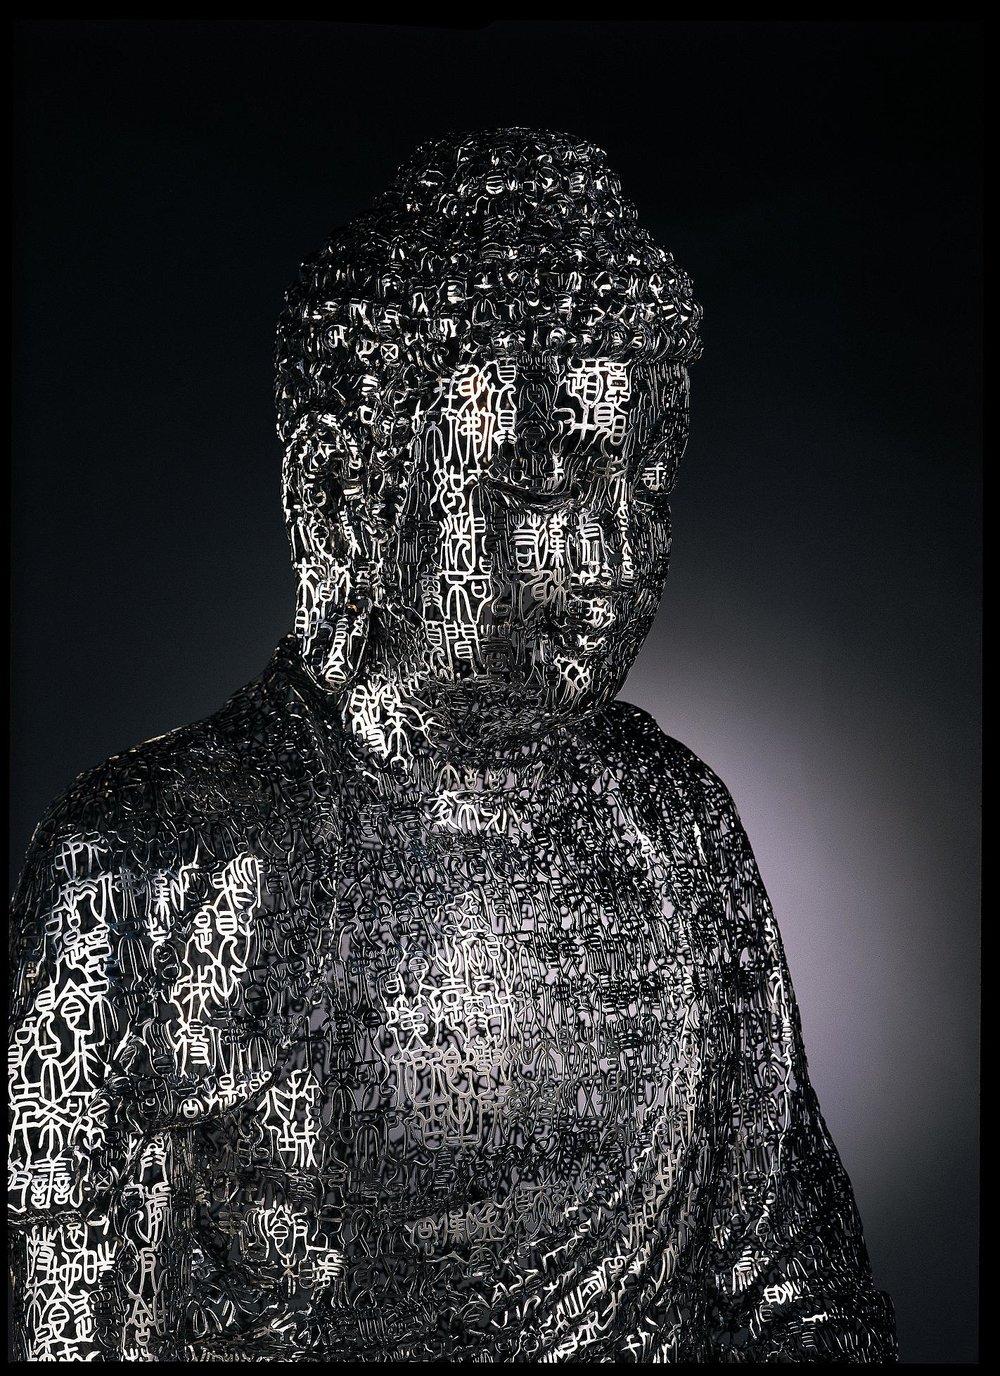 郑路,闻语心觉2号,不锈钢,45 x 43 x 65(h)cm,2009 detail.jpg